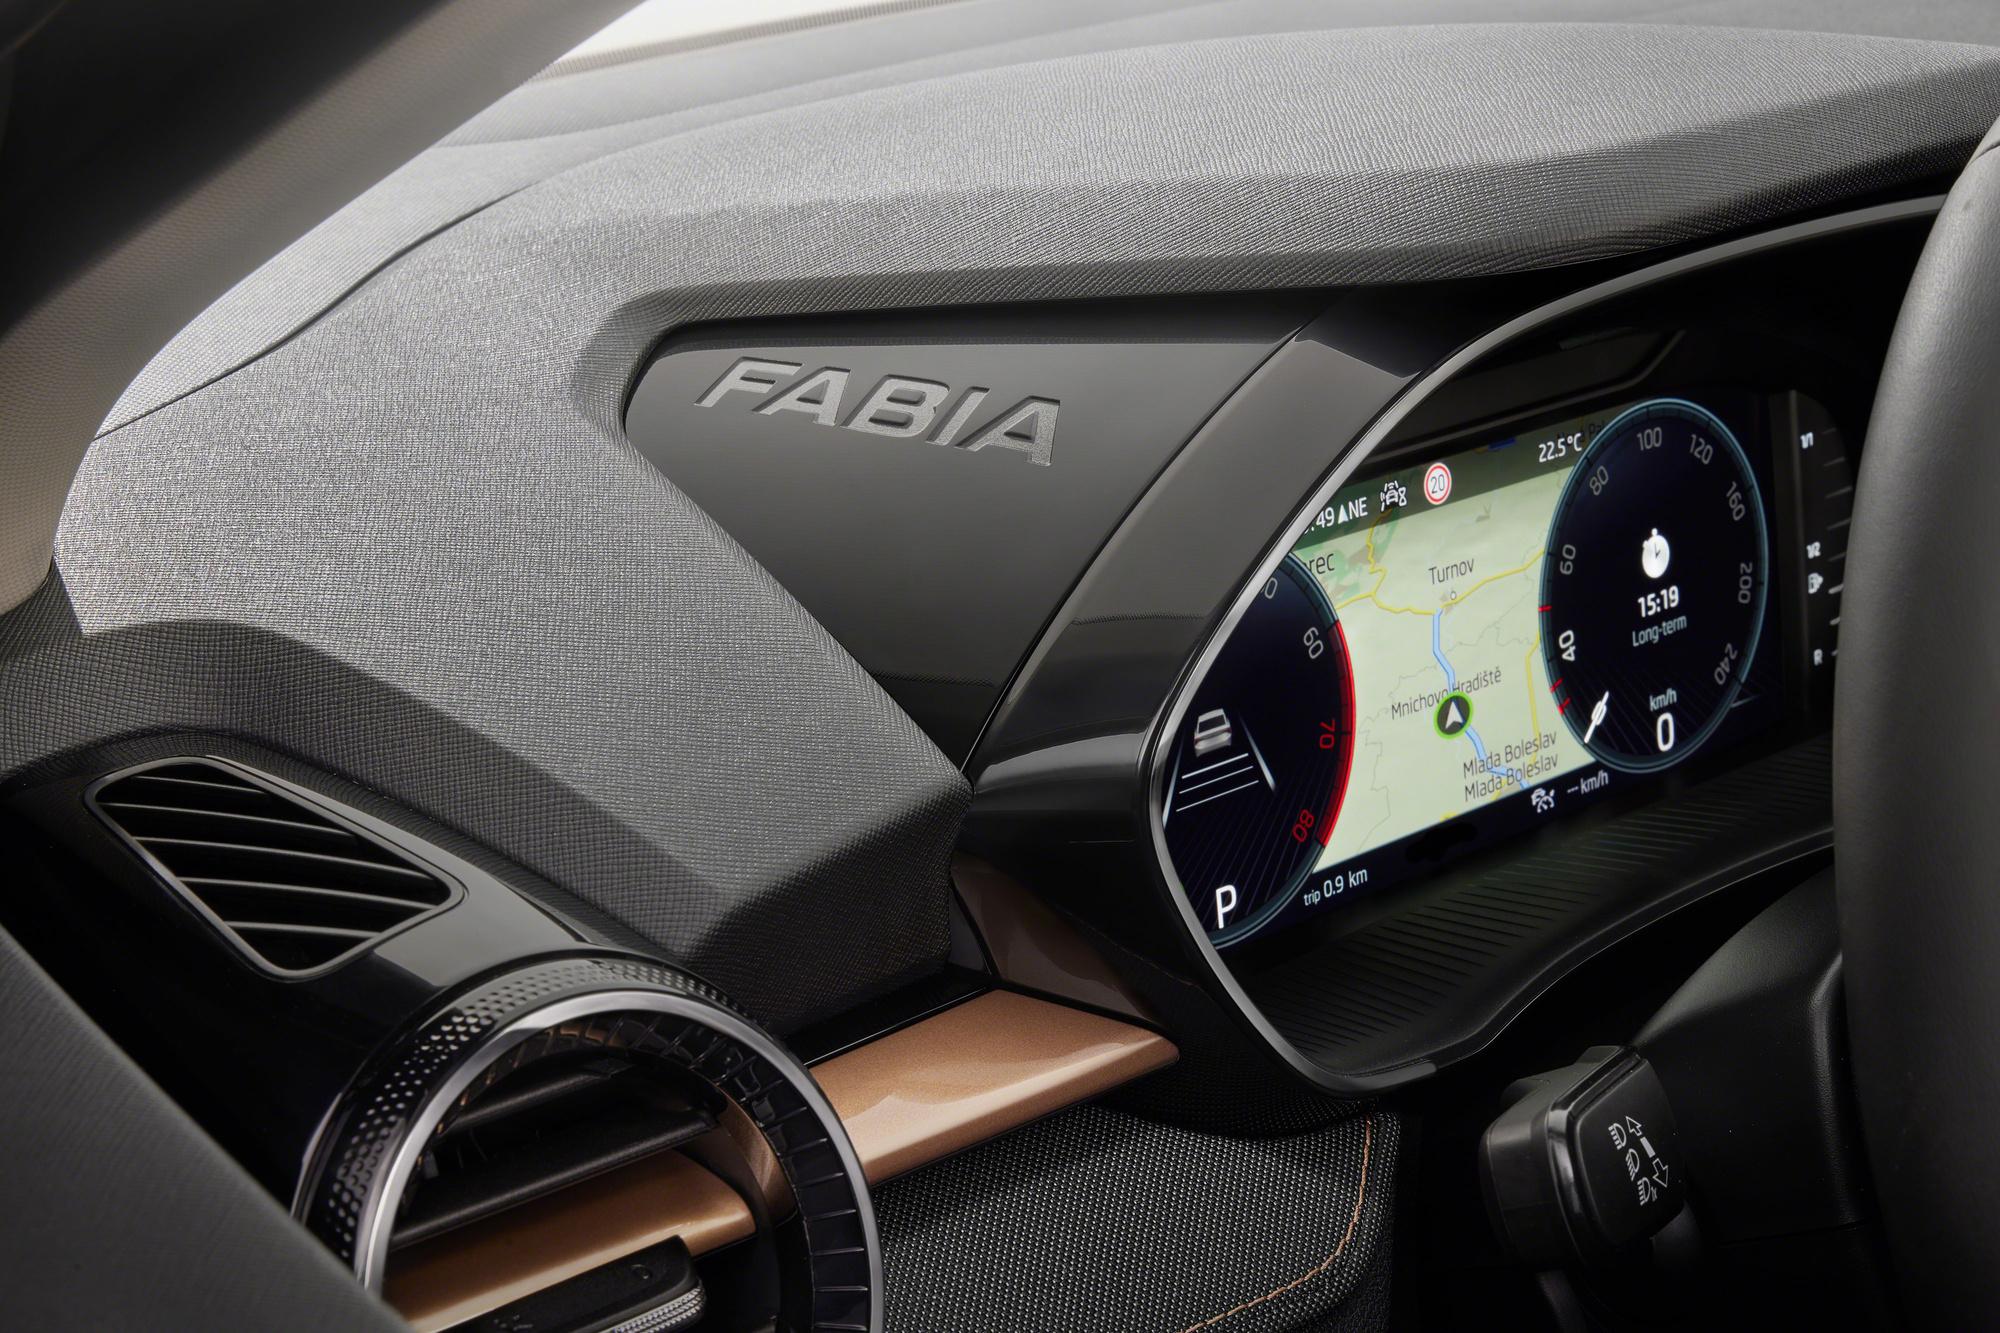 La petite Skoda a droit aux évolutions technologiques dernier cri, comme un tableau de bord numérique. , GF